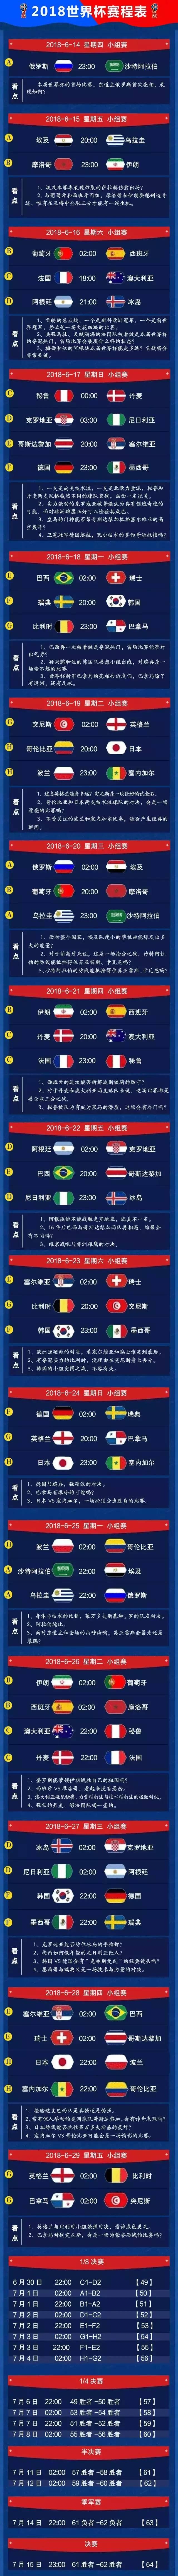 2018世界杯赛程表及32强分组情况一览